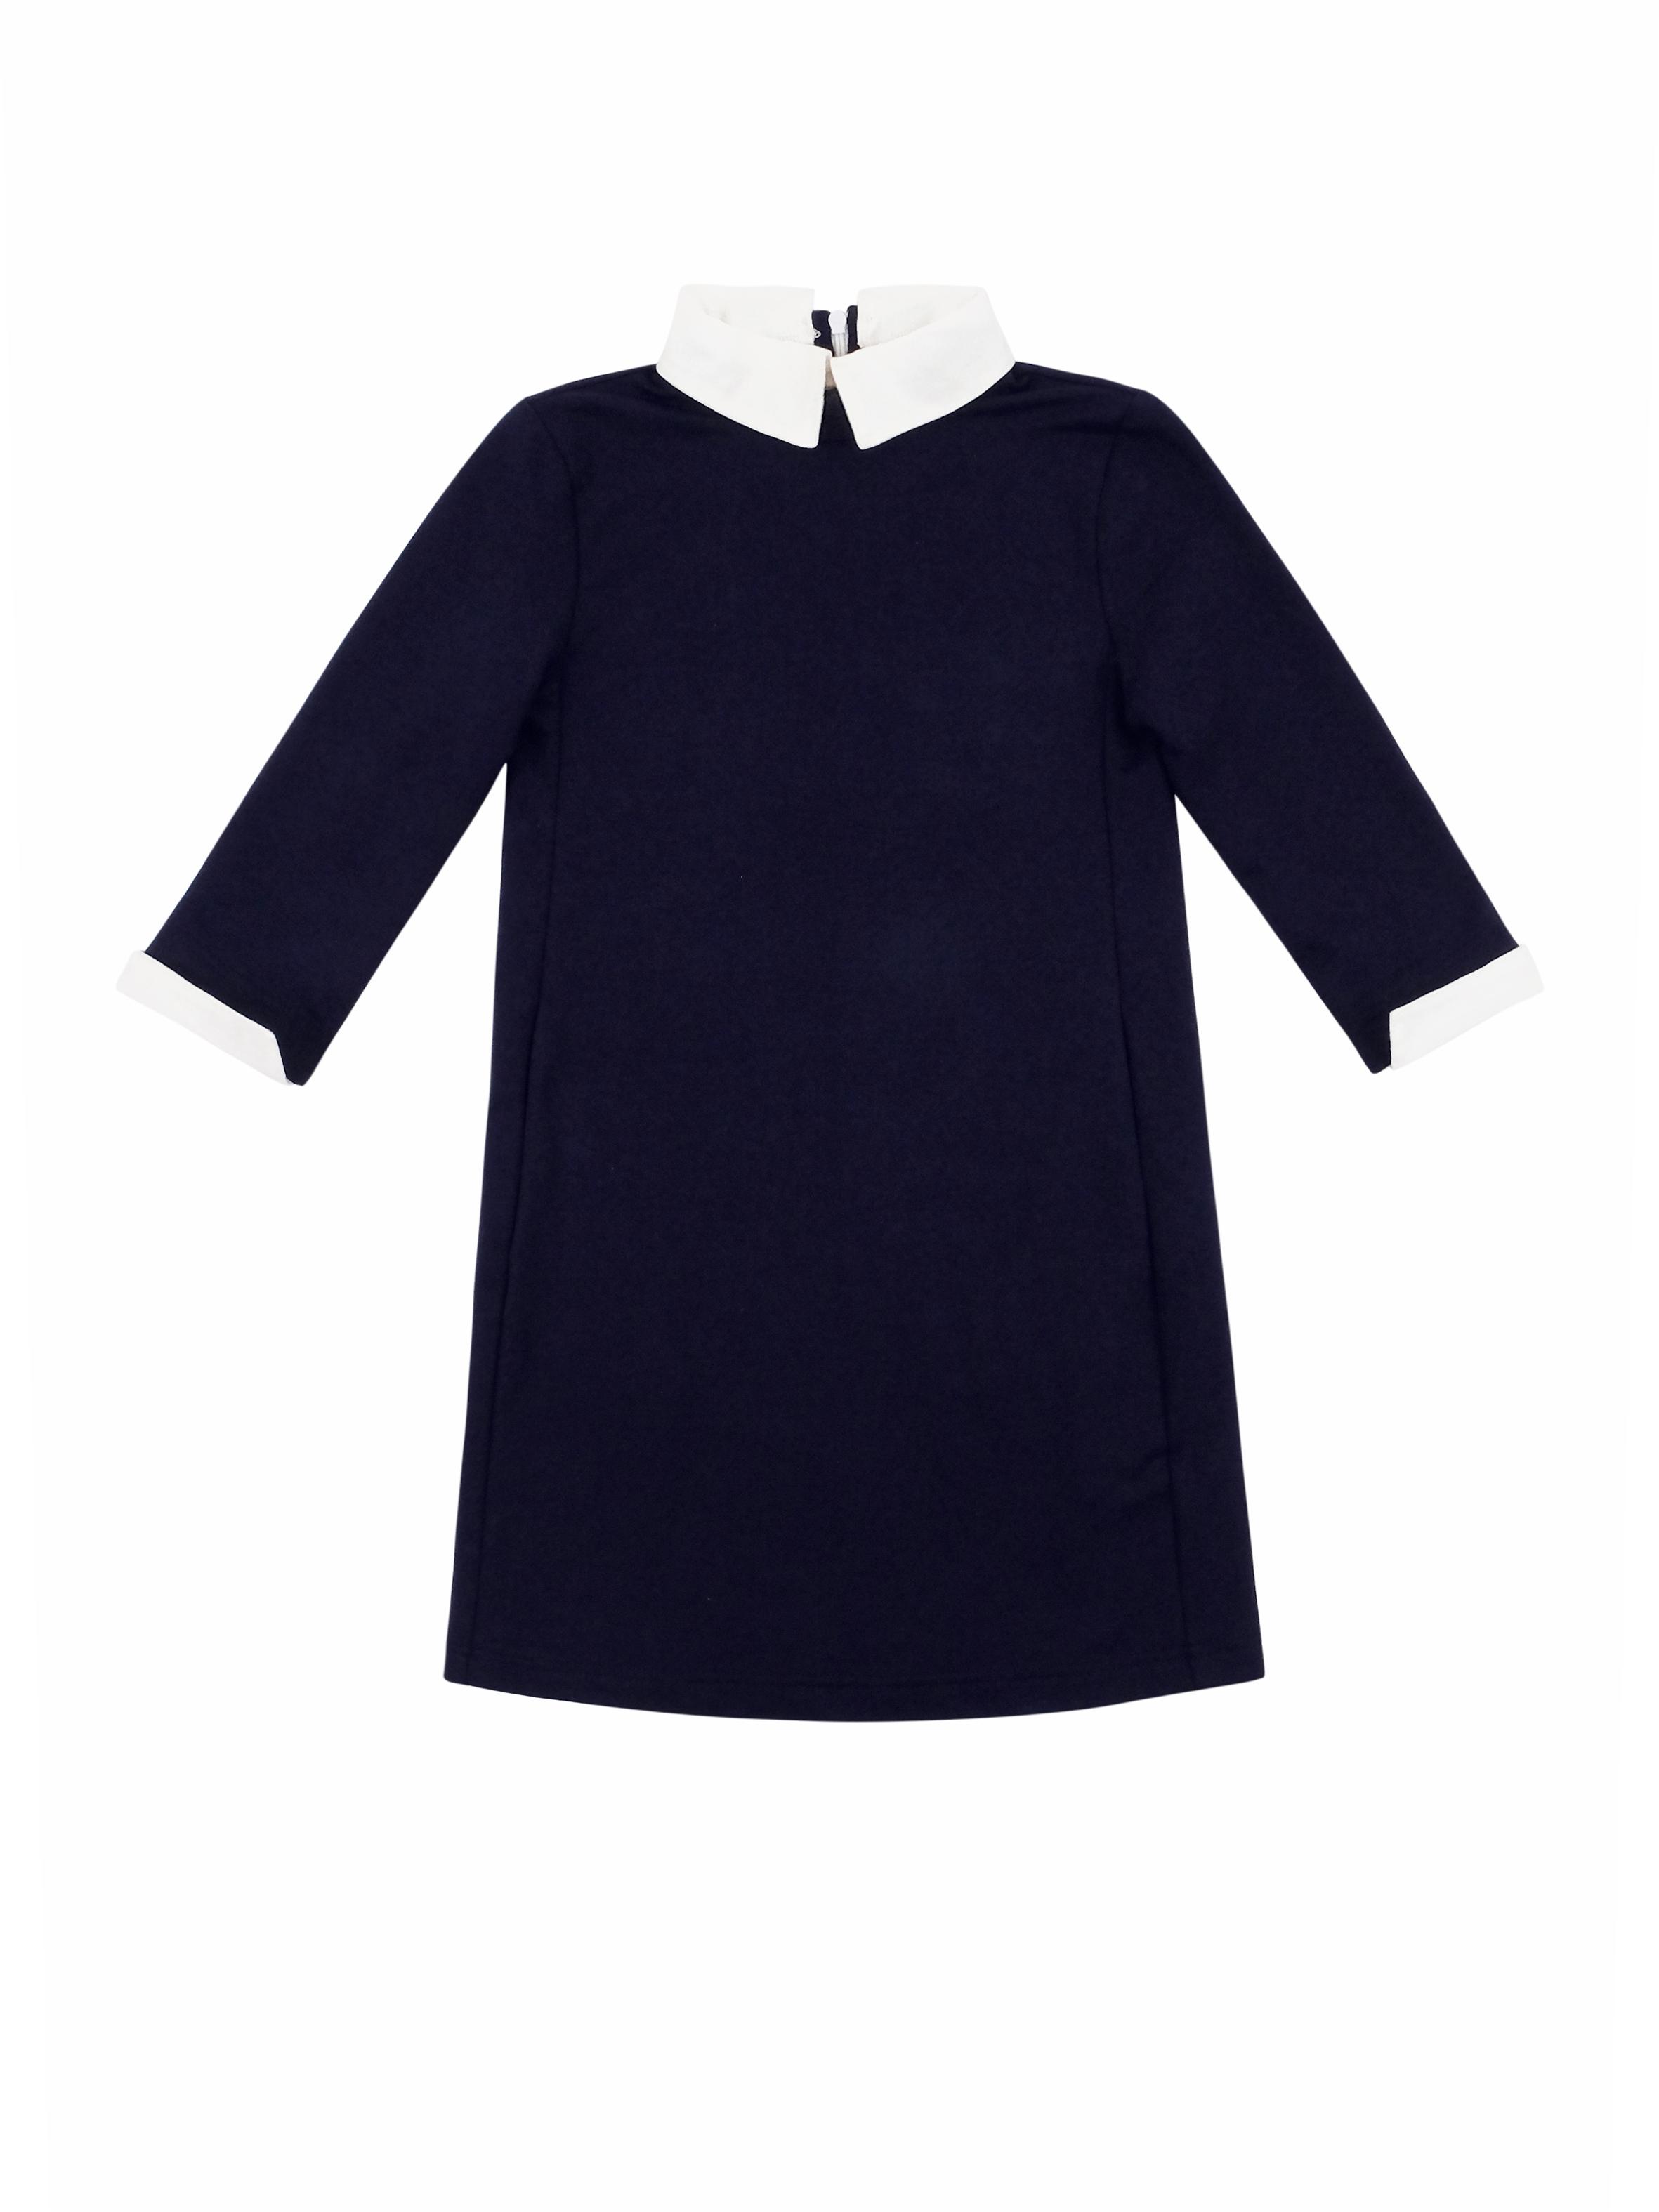 Платье для девочки Reike College navy,